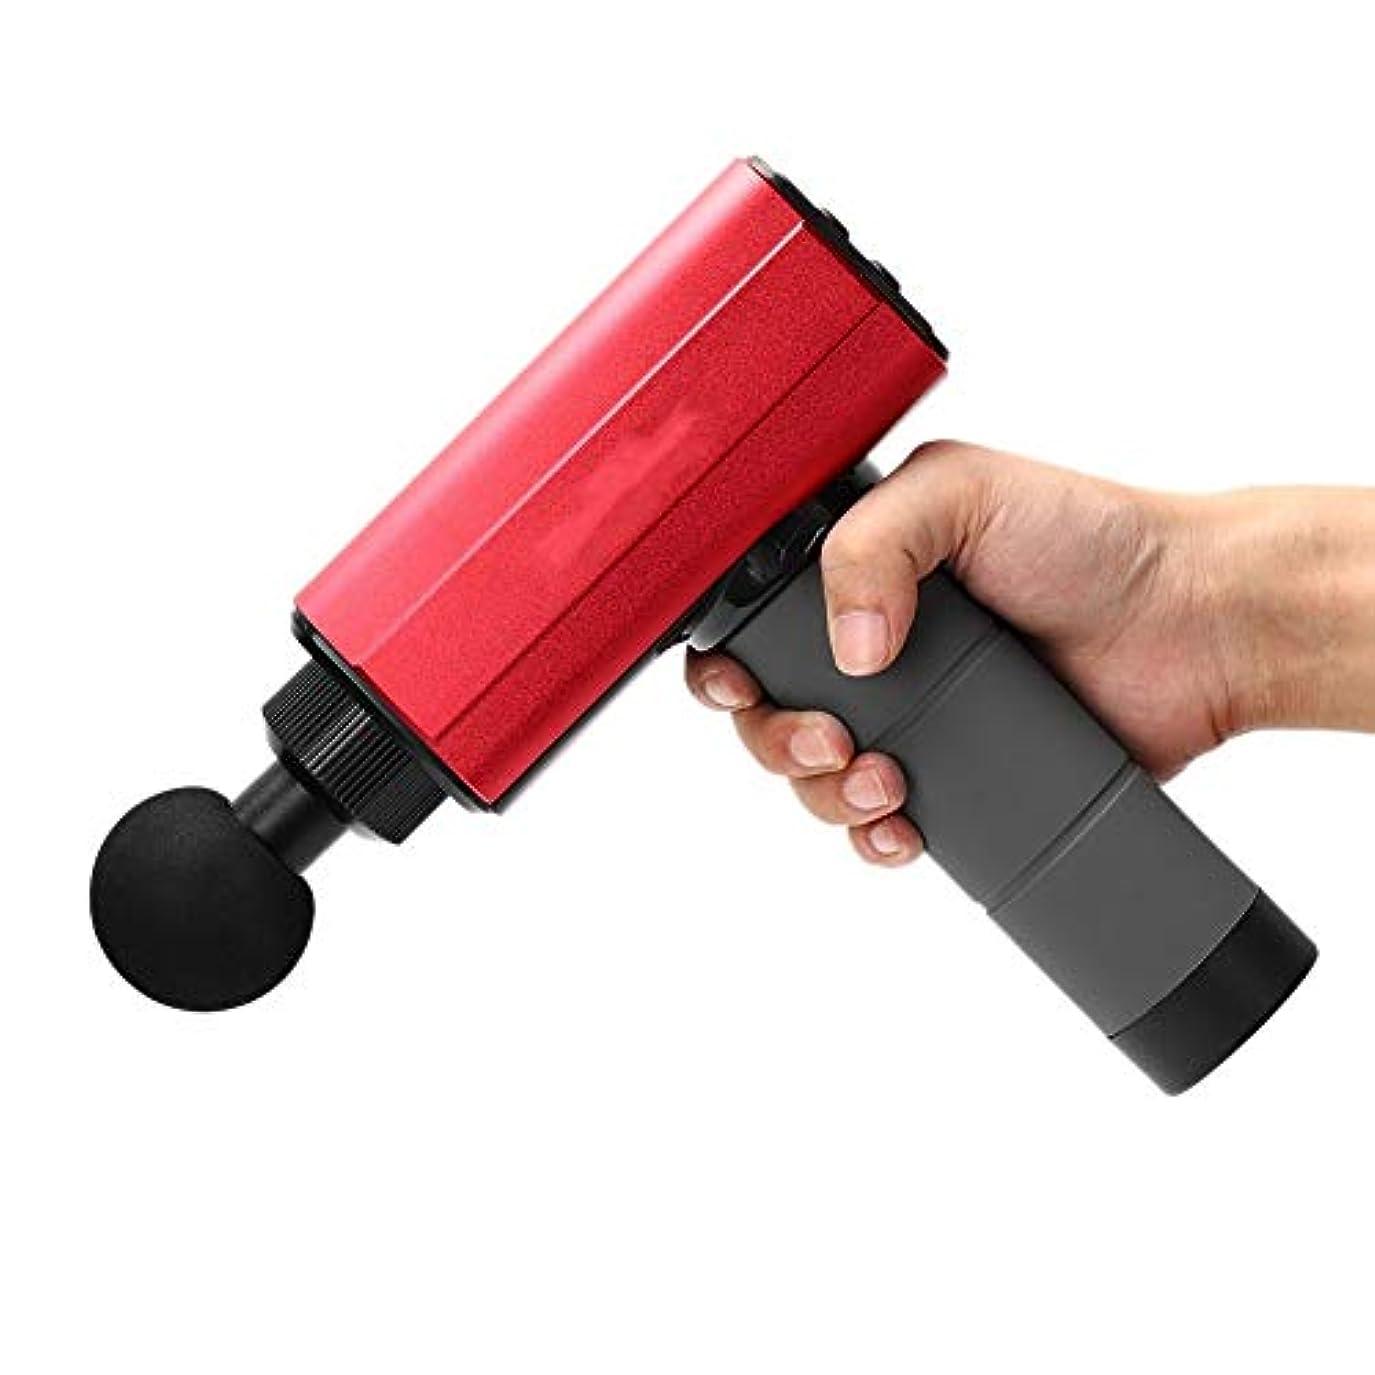 囲まれた興奮アスリート手持ち型の深いティッシュ筋肉マッサージャー銃の再充電可能なマッサージ装置、体の痛みのための専門のコードレスパーカッション(US Plug)